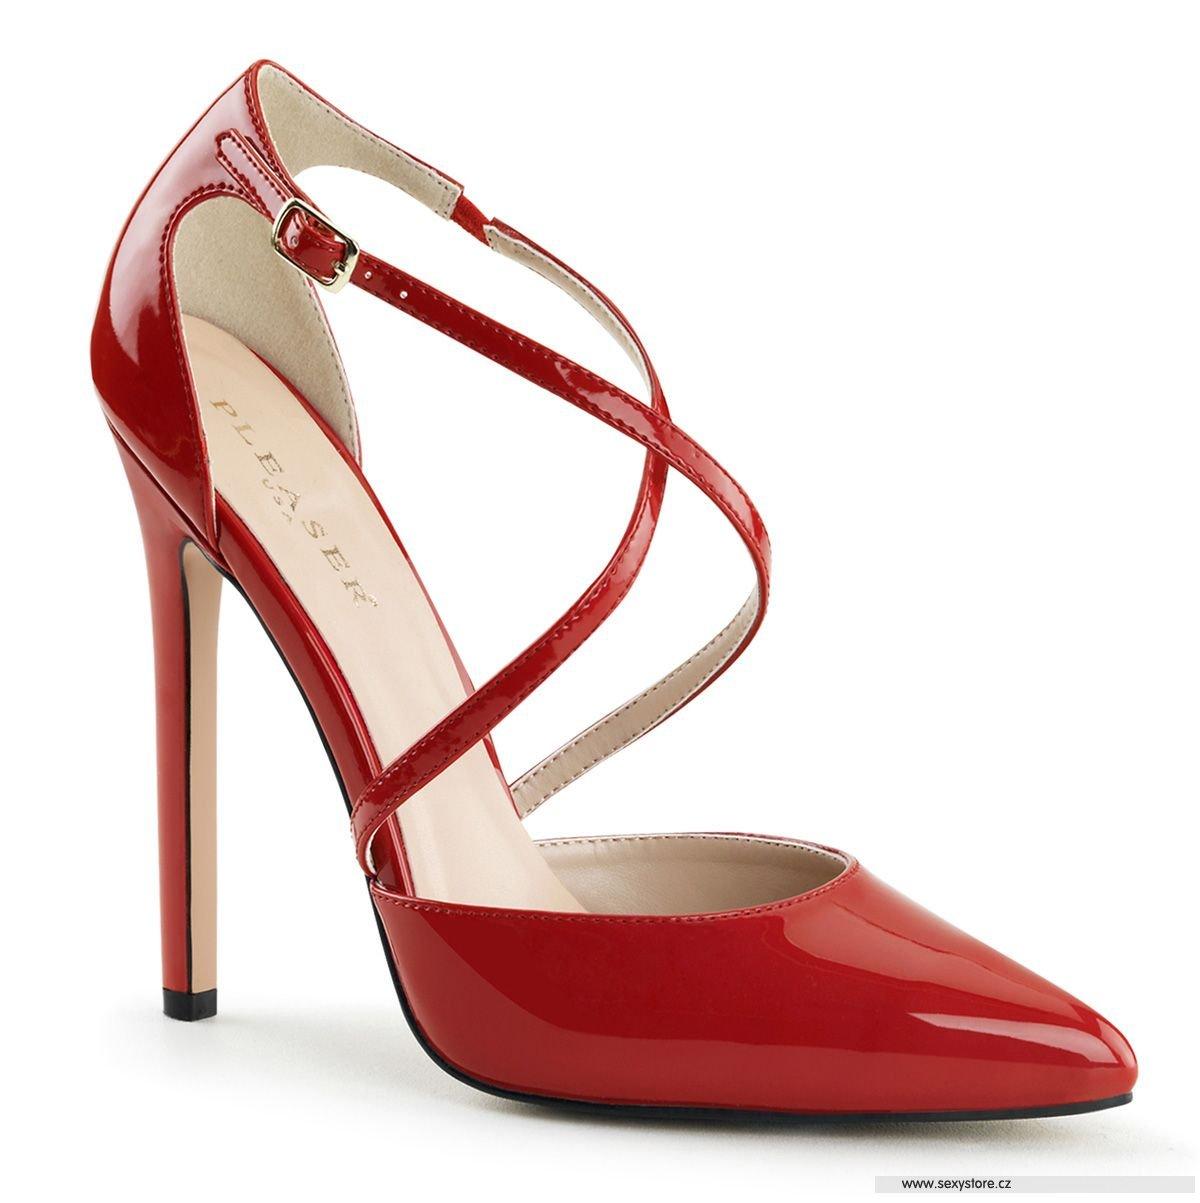 Červené sexy lodičky na vysokém podpatku SEXY-26 R  20cea49775